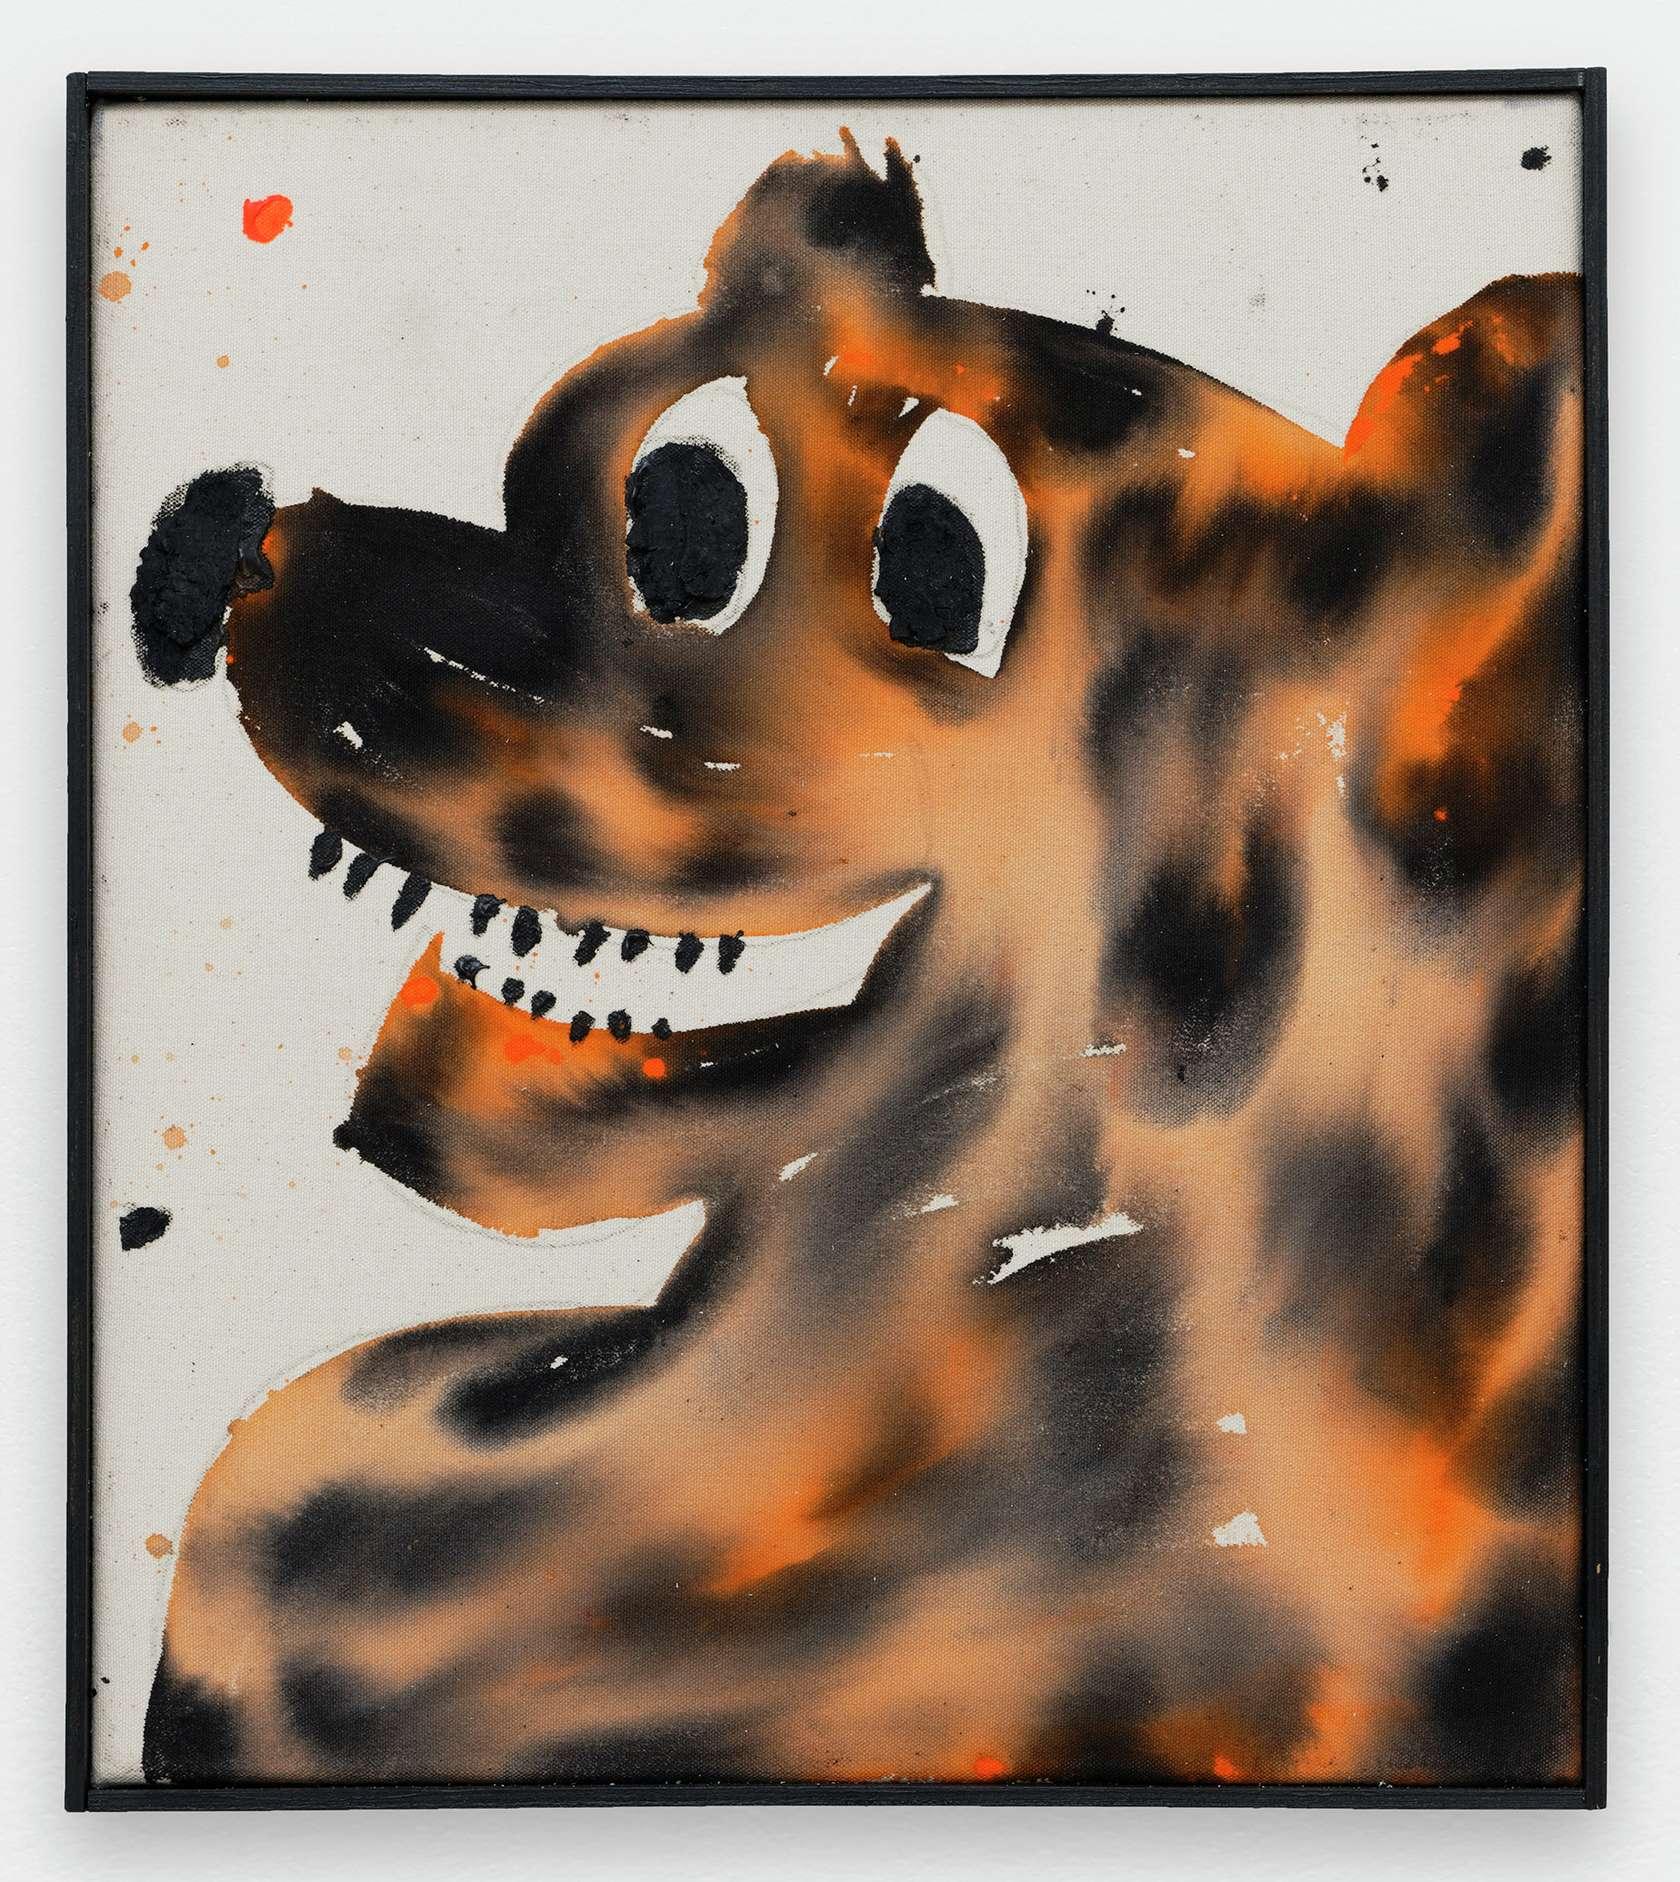 Szabolcs Bozó, Eddy, 2020 Acrylique, encre et pastel sur toile50 × 40 cm / 19 5/8 × 15 3/4 in.